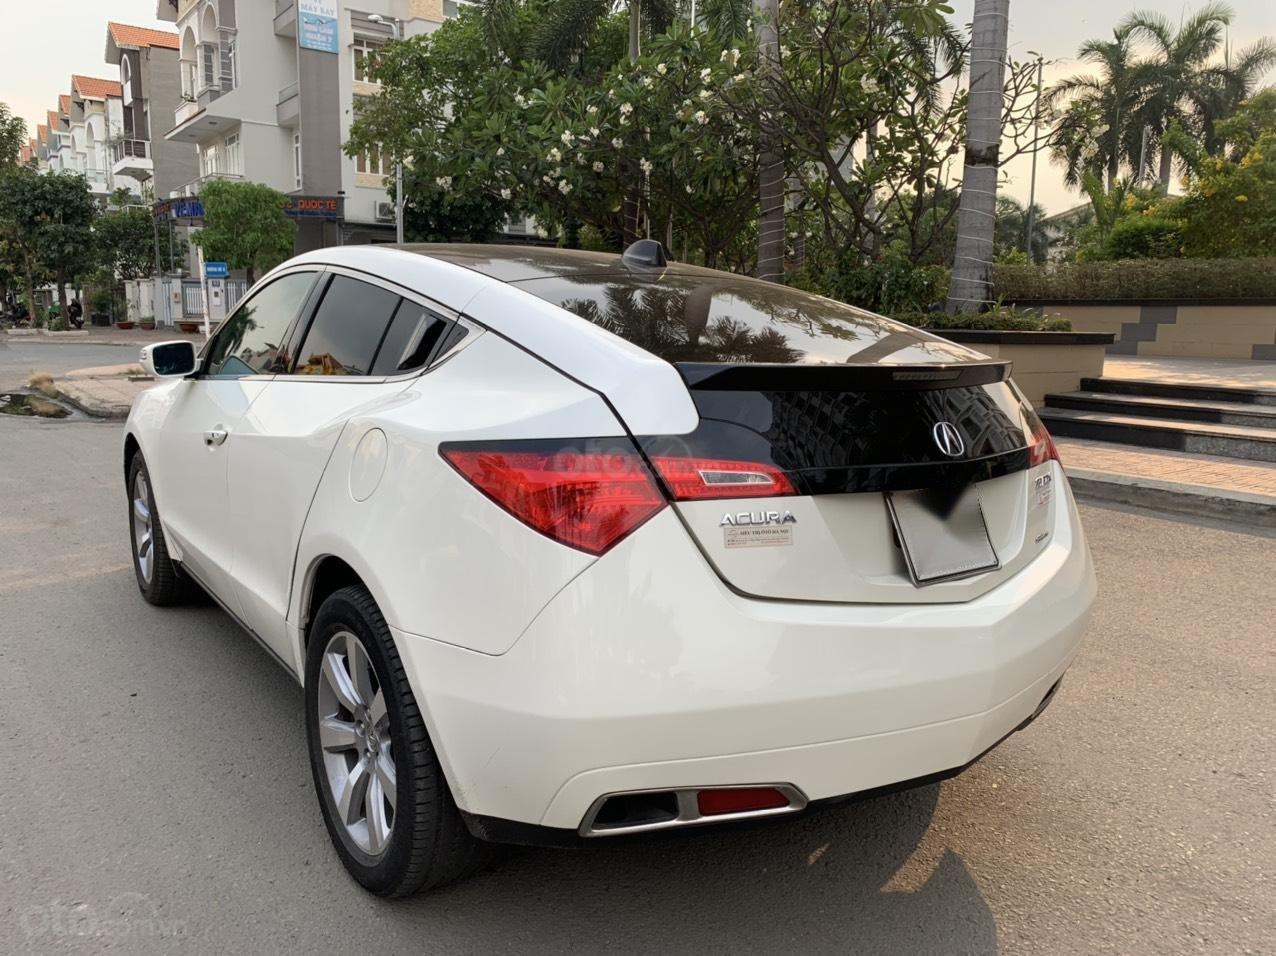 Cần bán xe Acura ZDX SX 2010, màu trắng giá 1 tỷ 130 triệu (7)